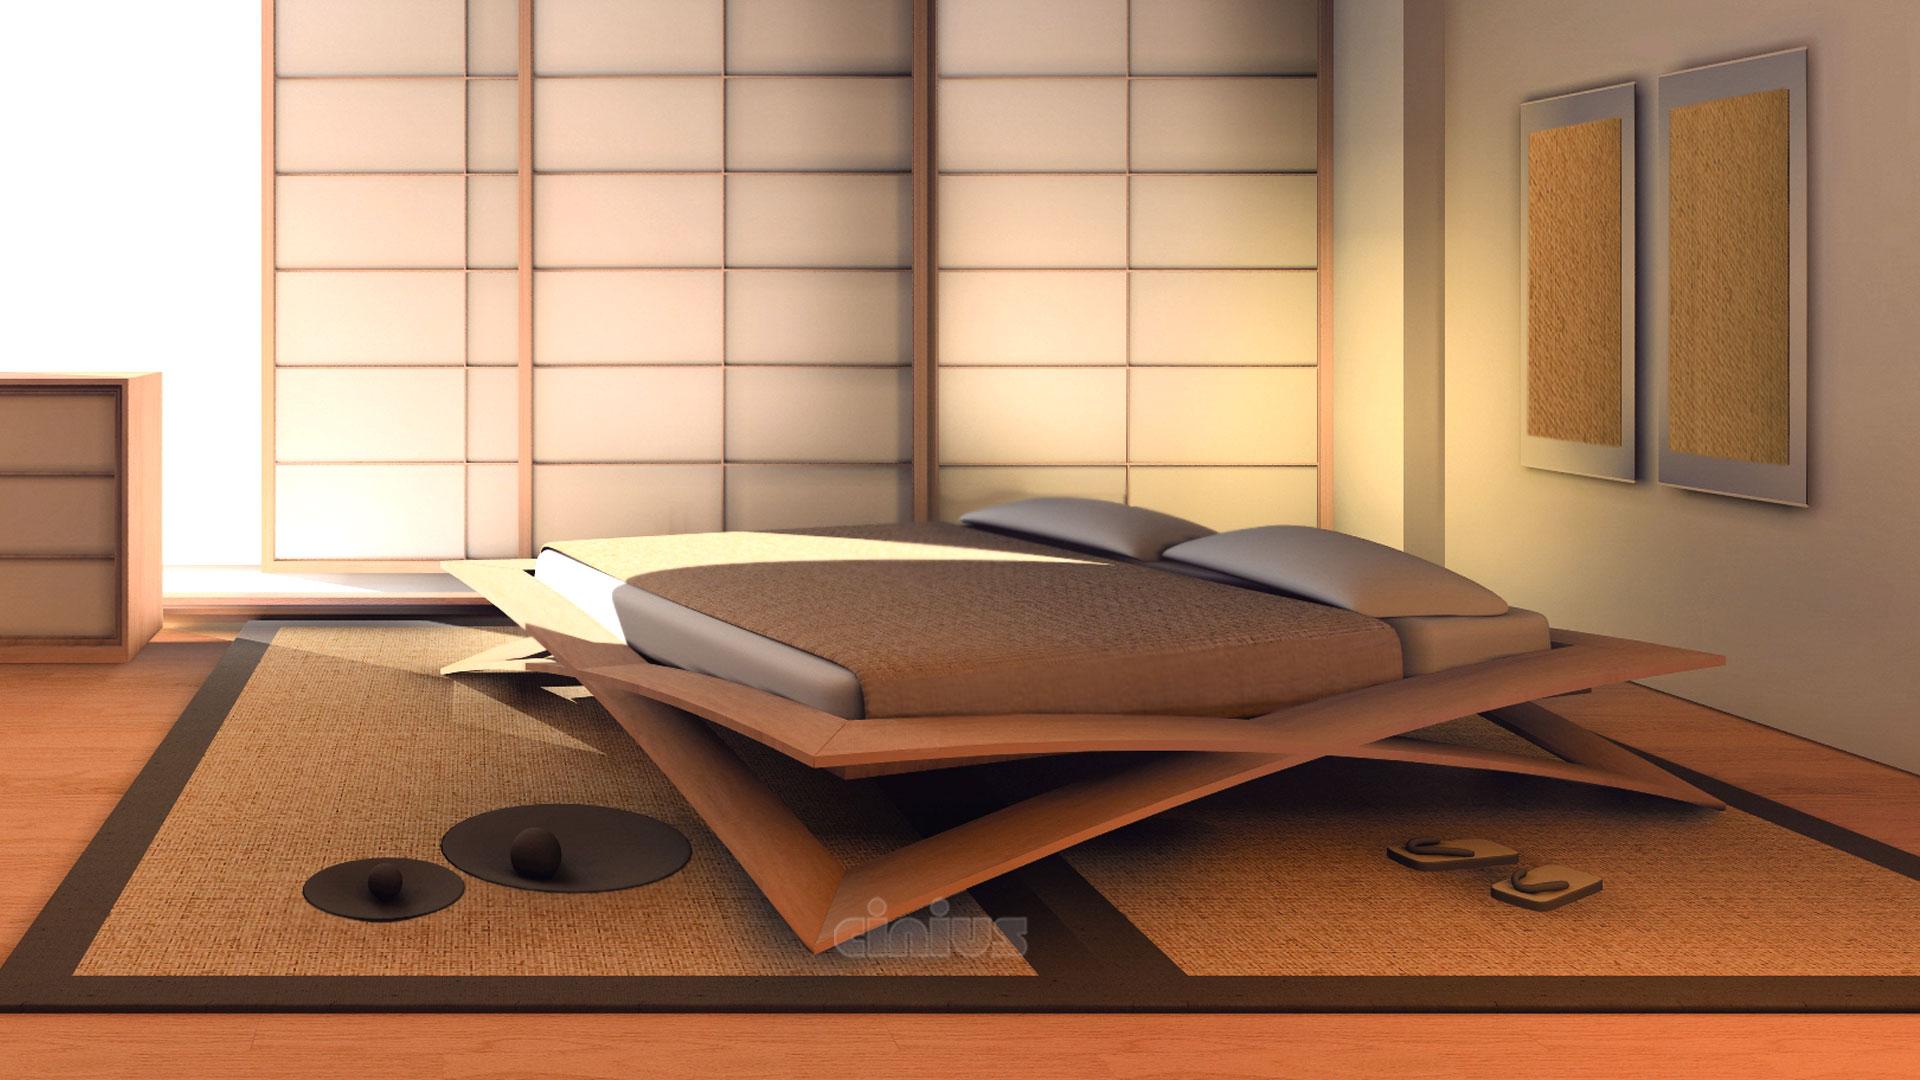 Letto loto di cinius la sublime lavorazione artigianale - Letto giapponese ...